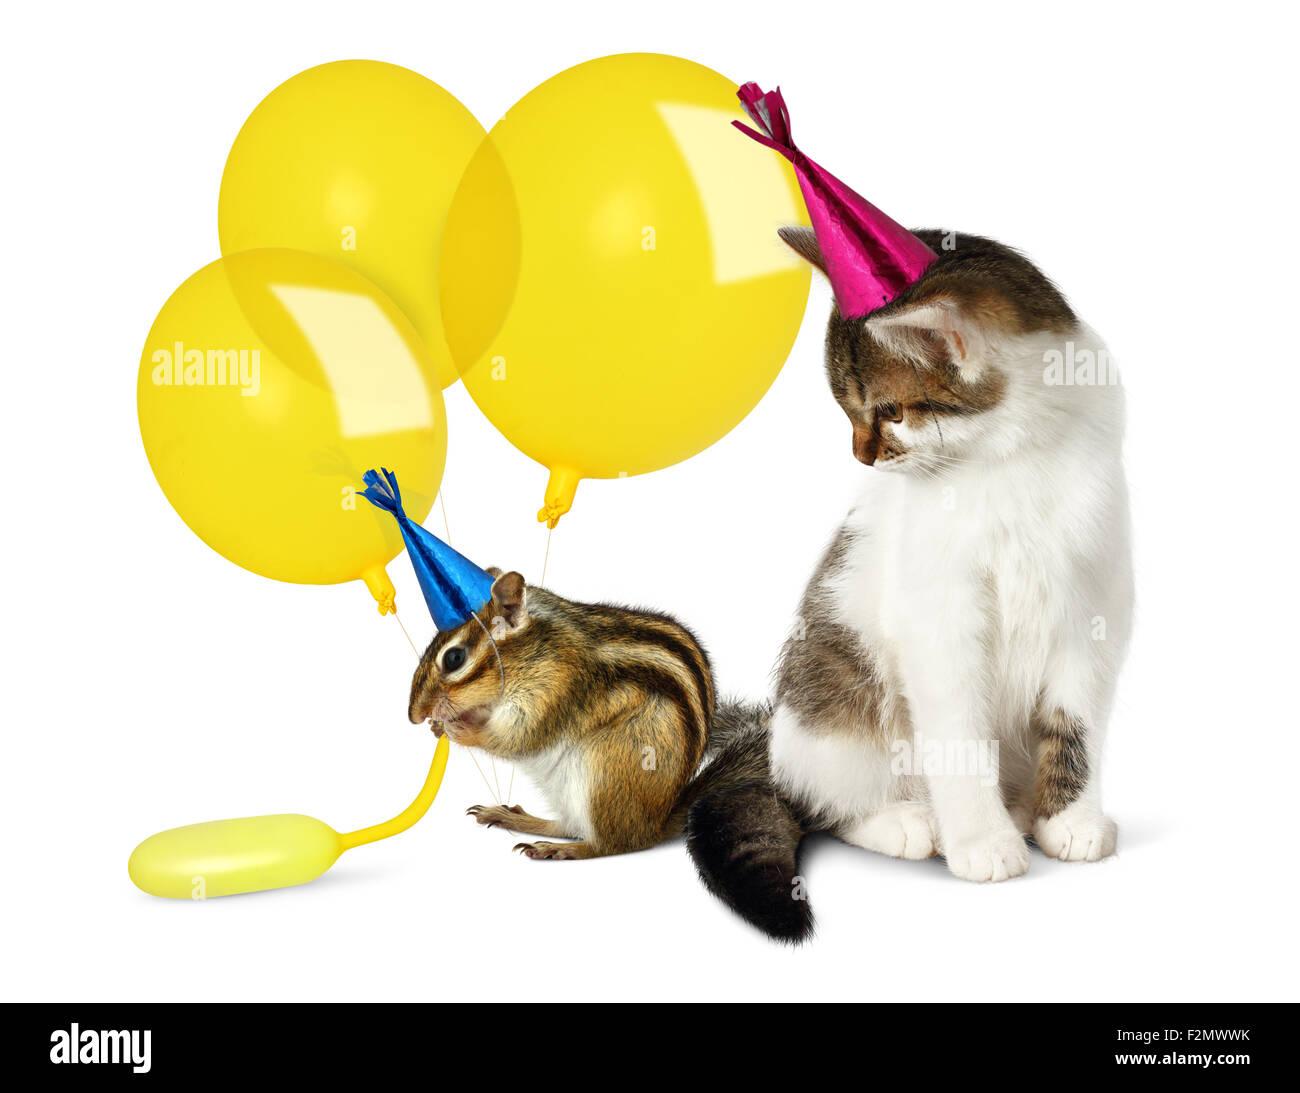 Geburtstag Konzept Lustige Katze Und Streifenhornchen Mit